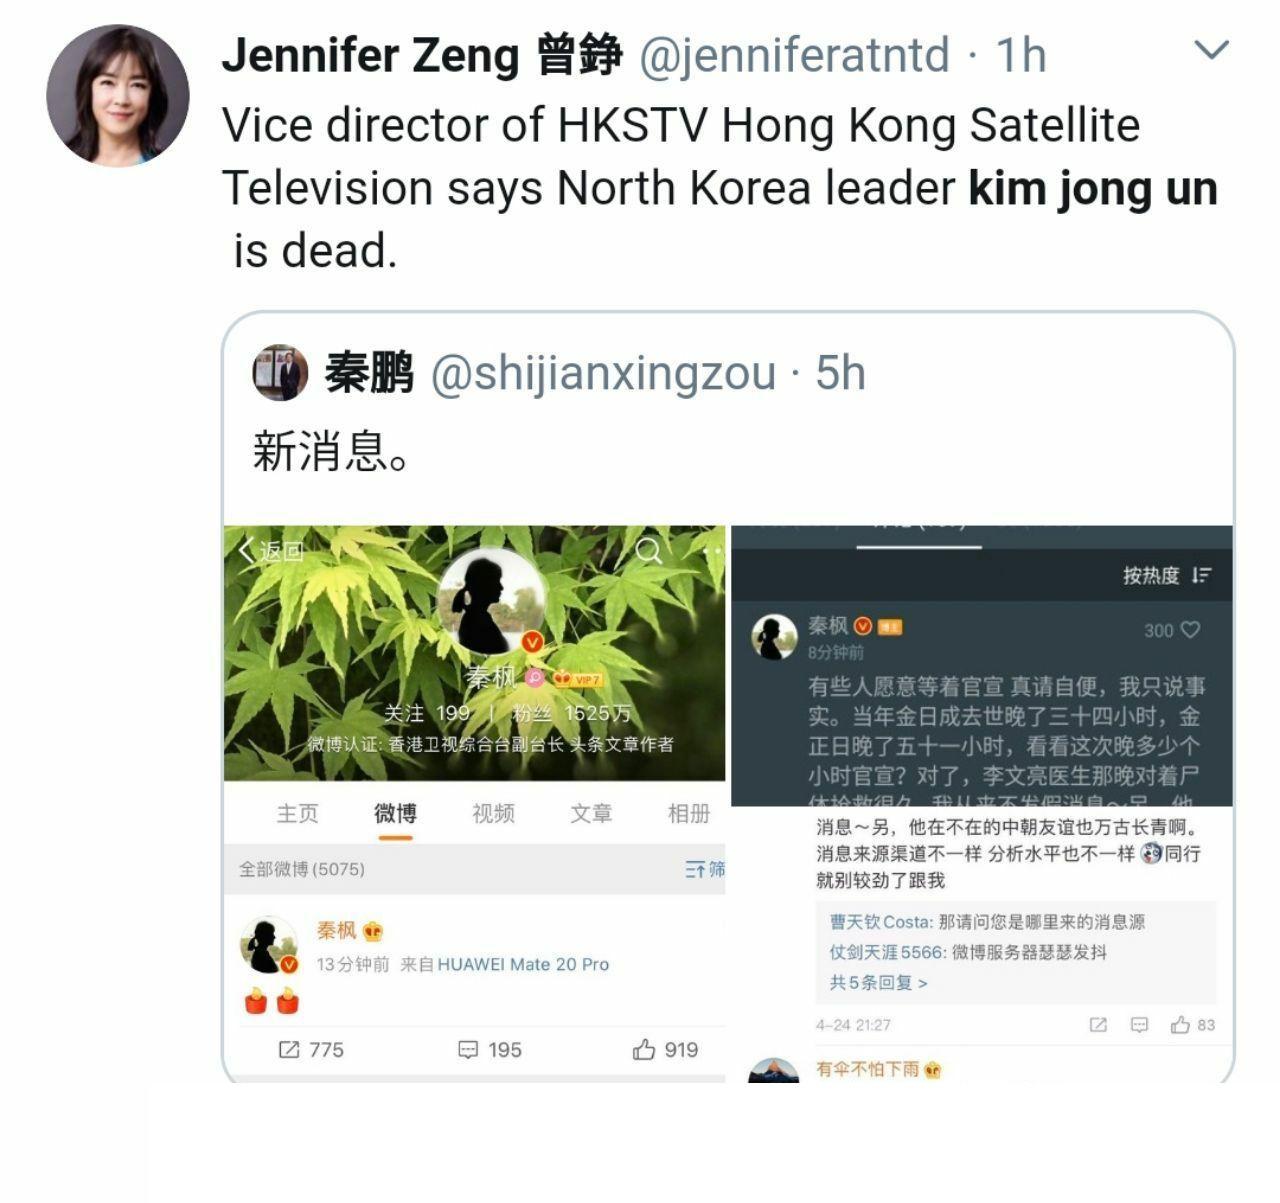 همه حرفوحدیثها درباره مرگ رهبر کره شمالی///